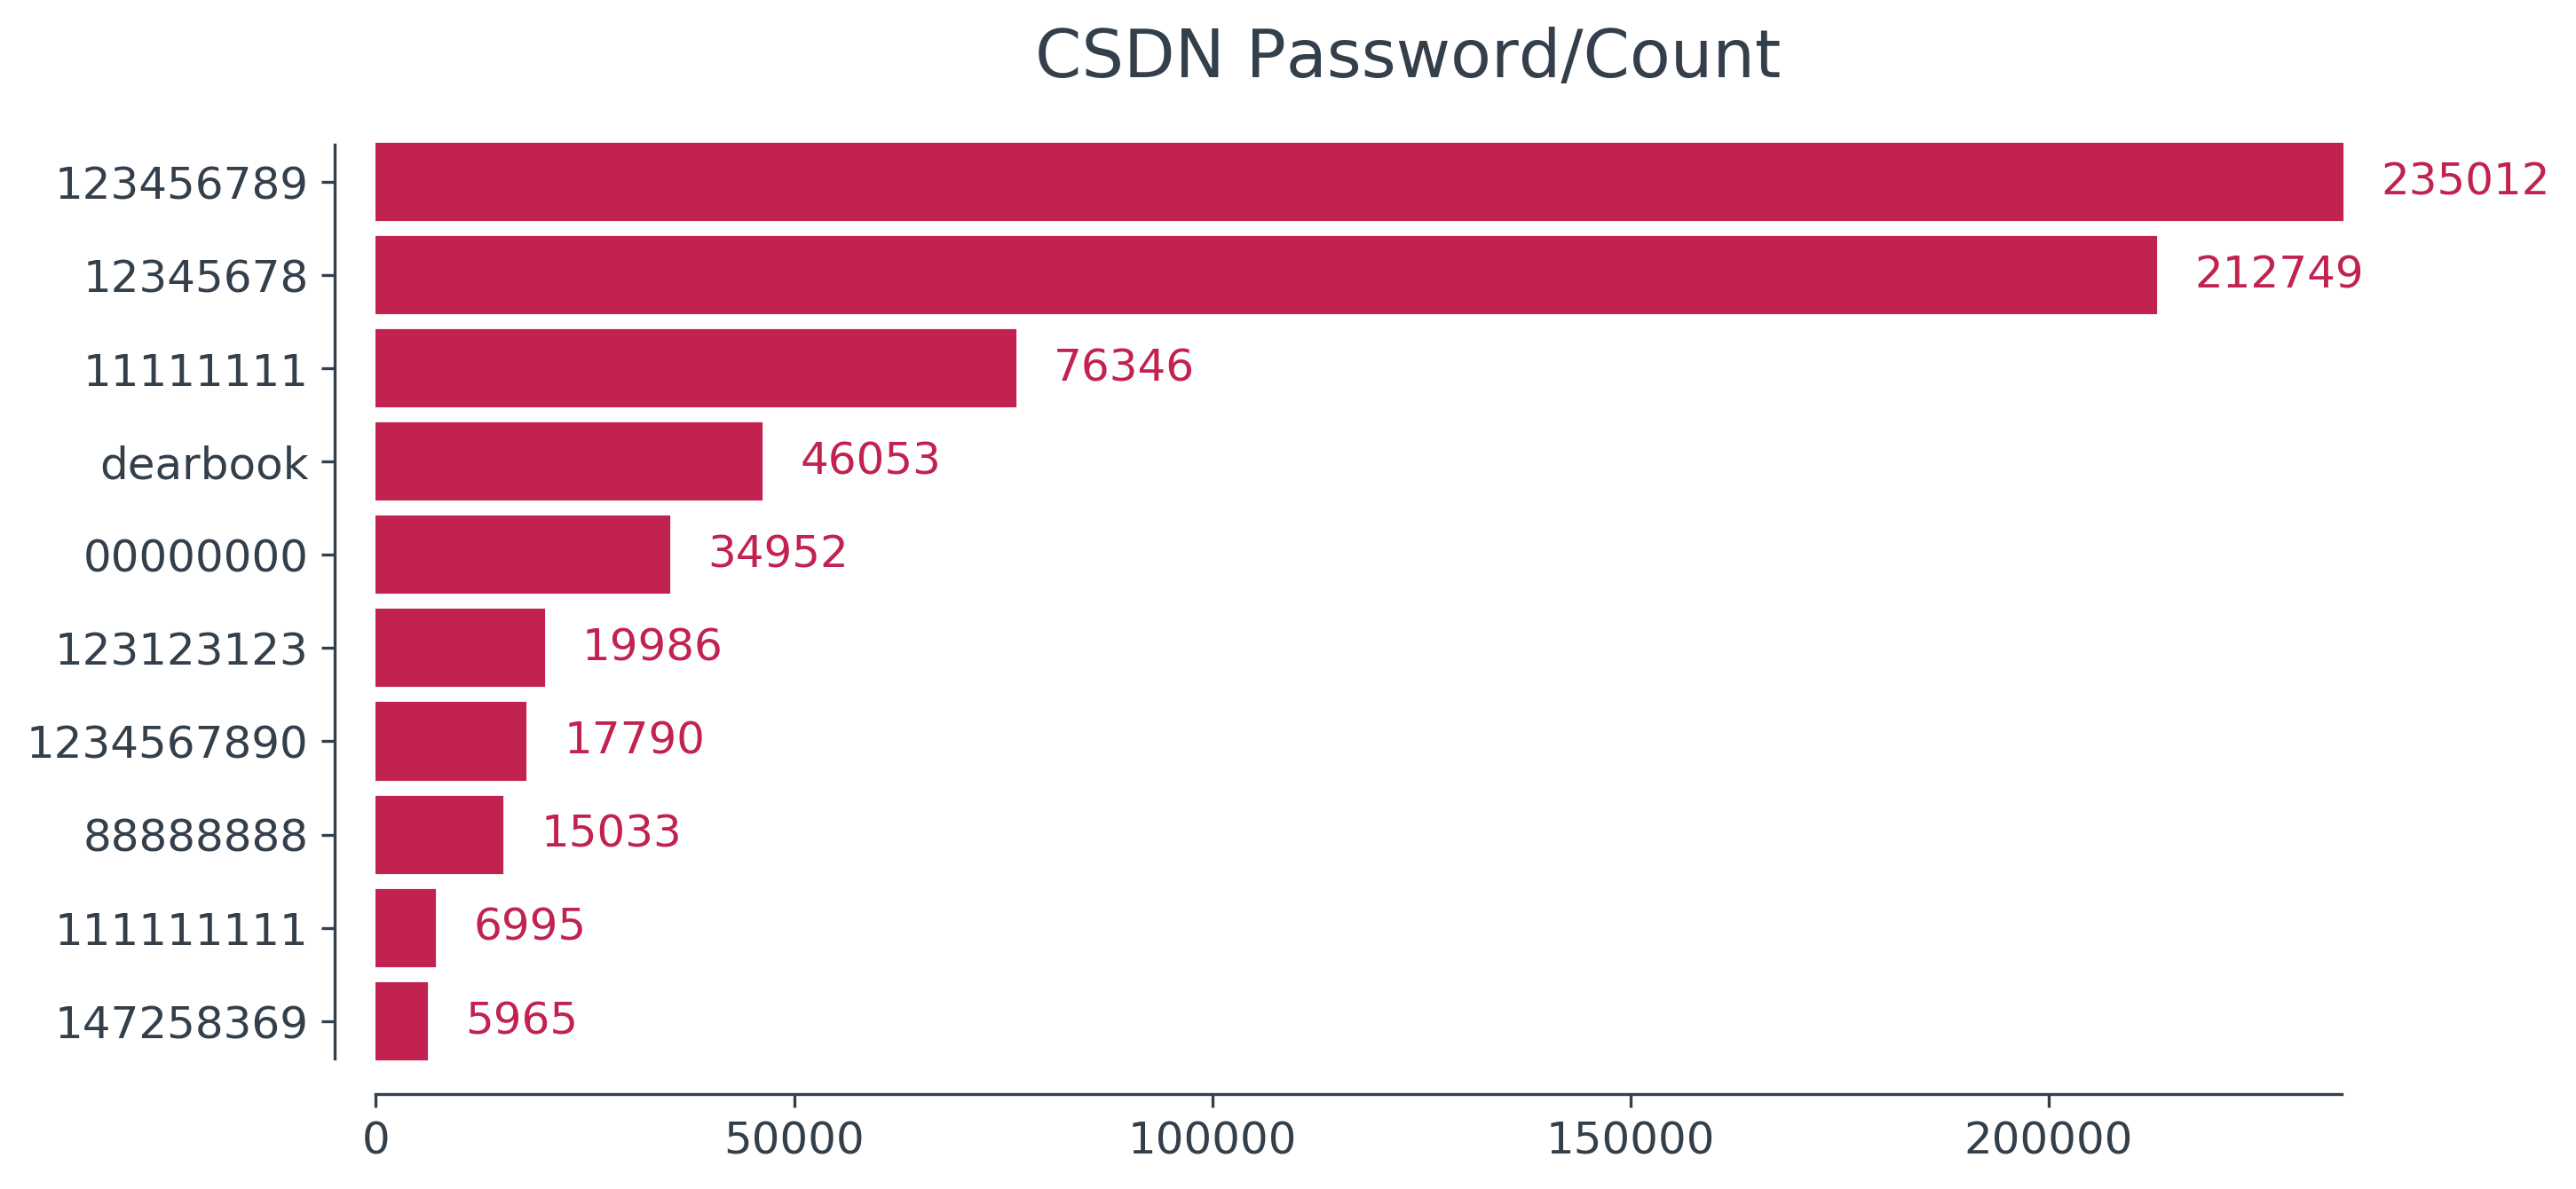 csdn password